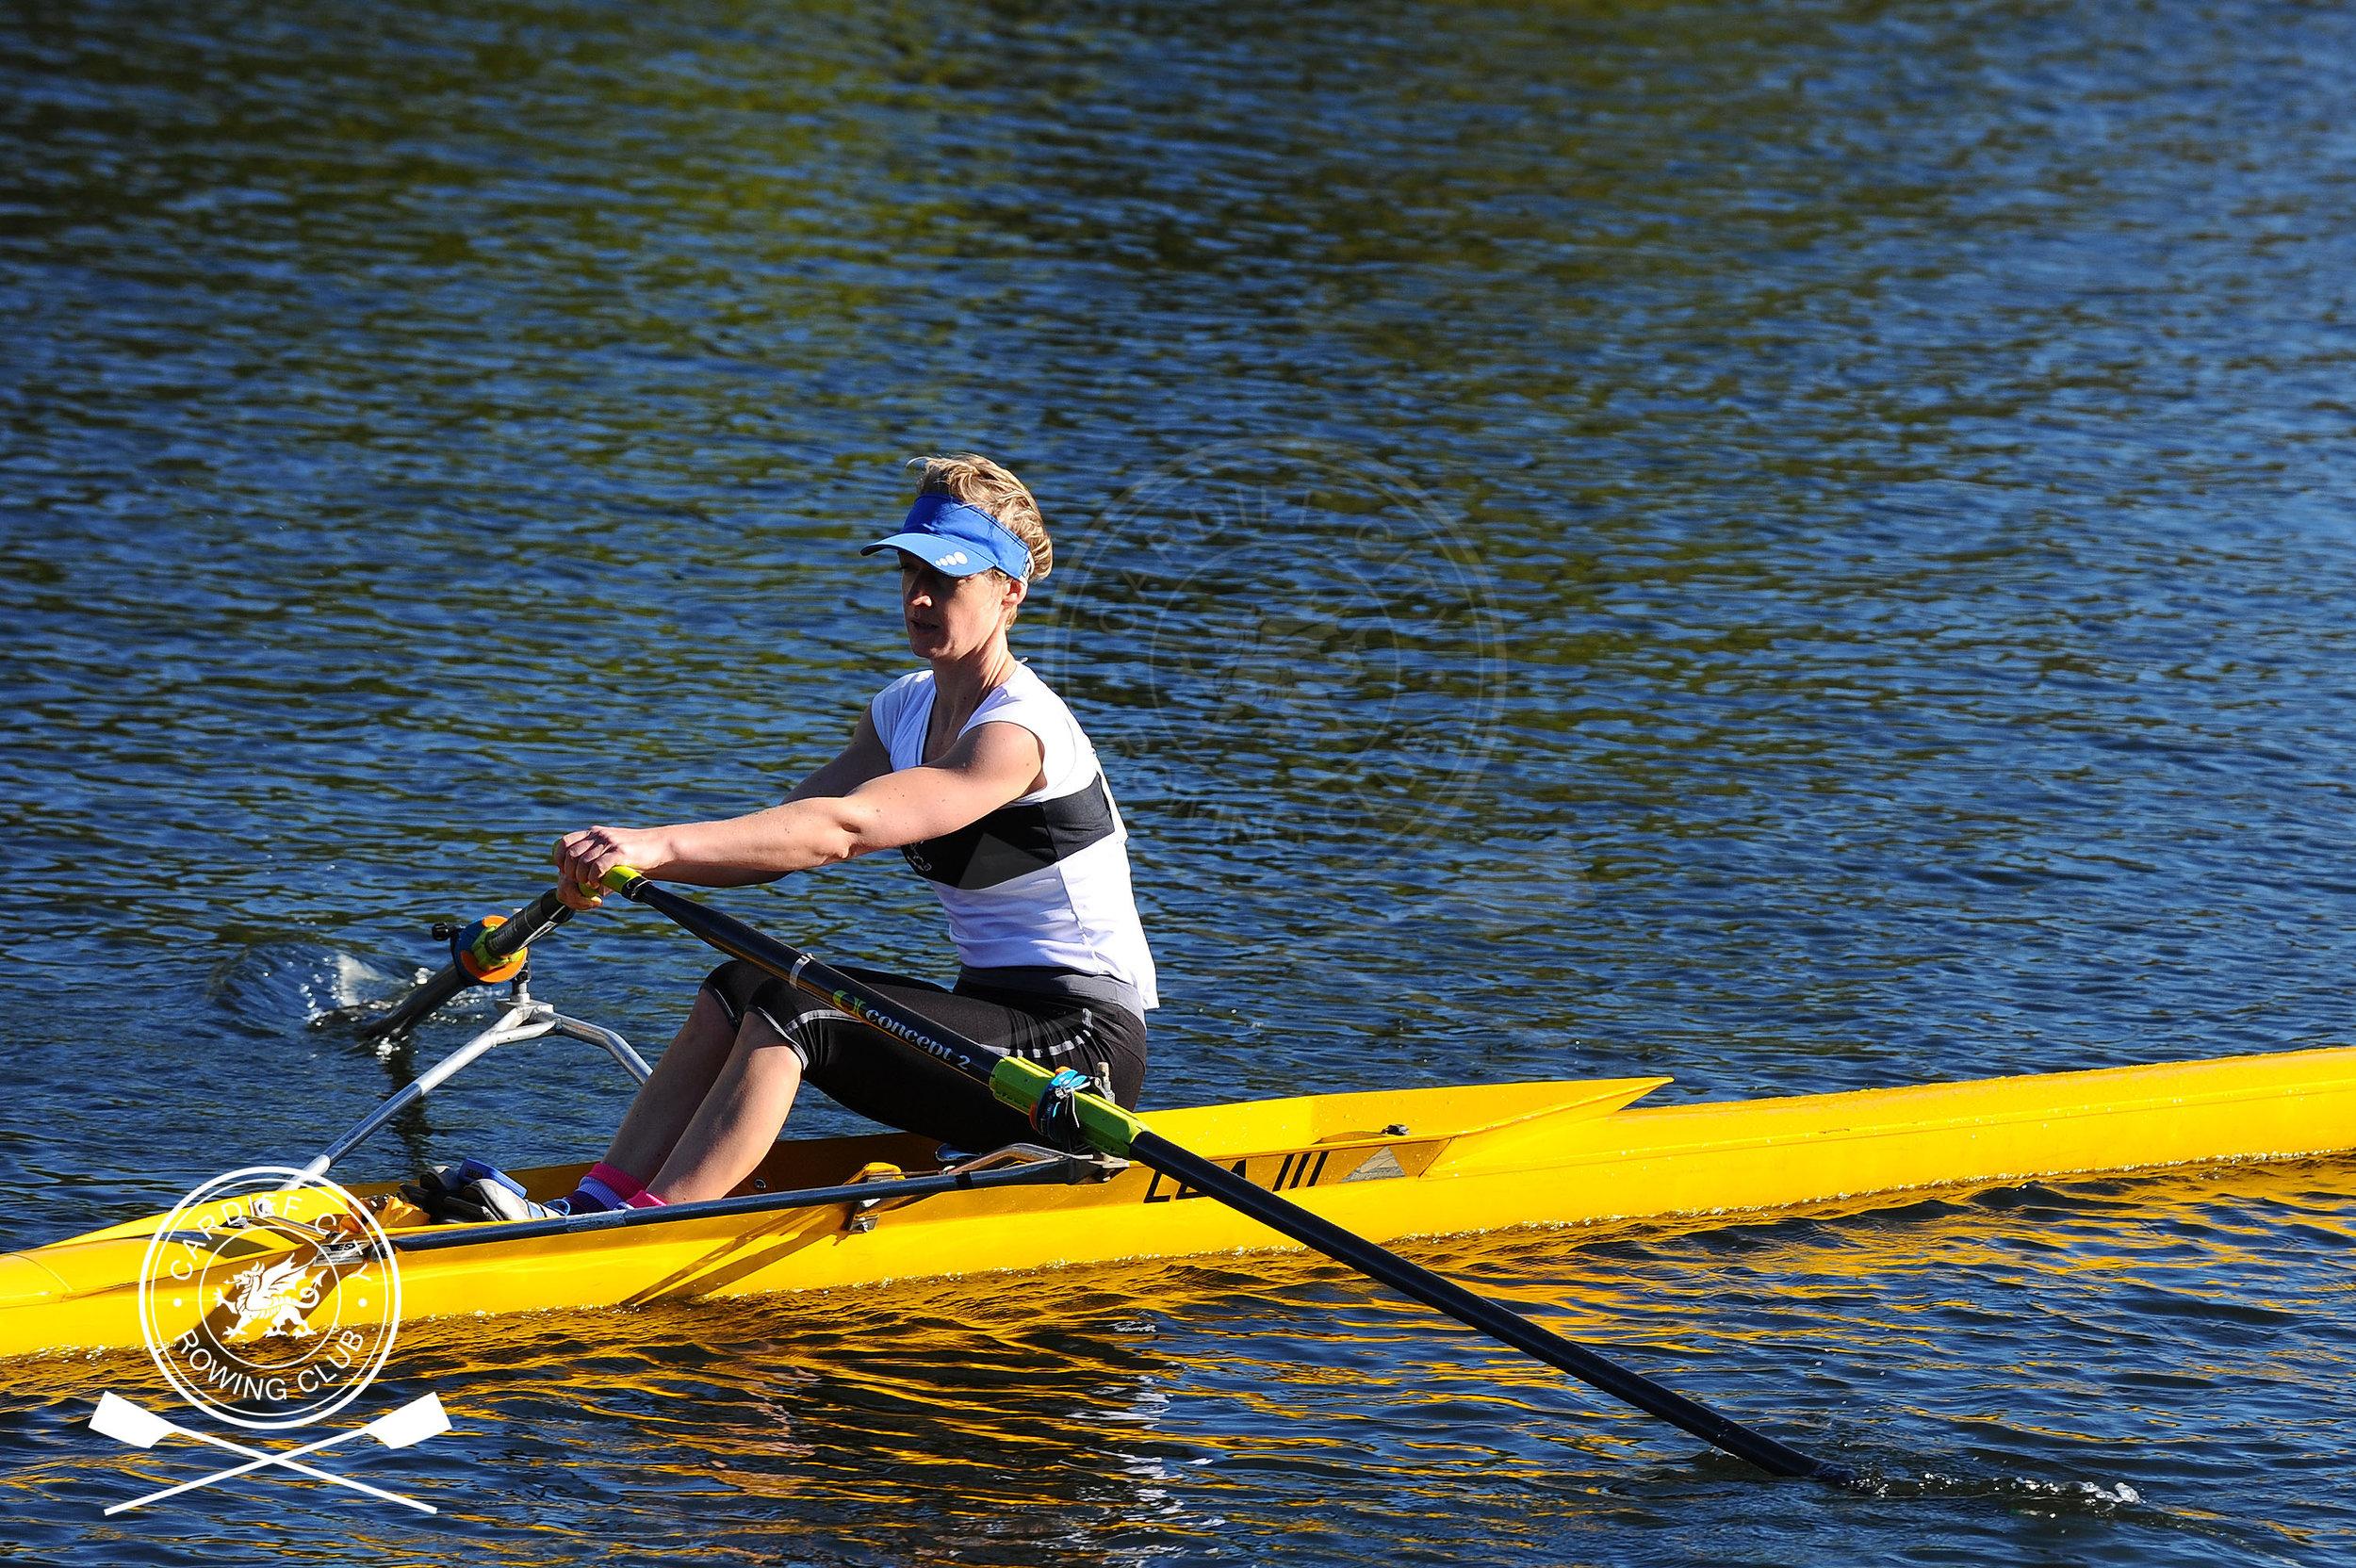 Cardiff_City_Head_Race_75.jpg